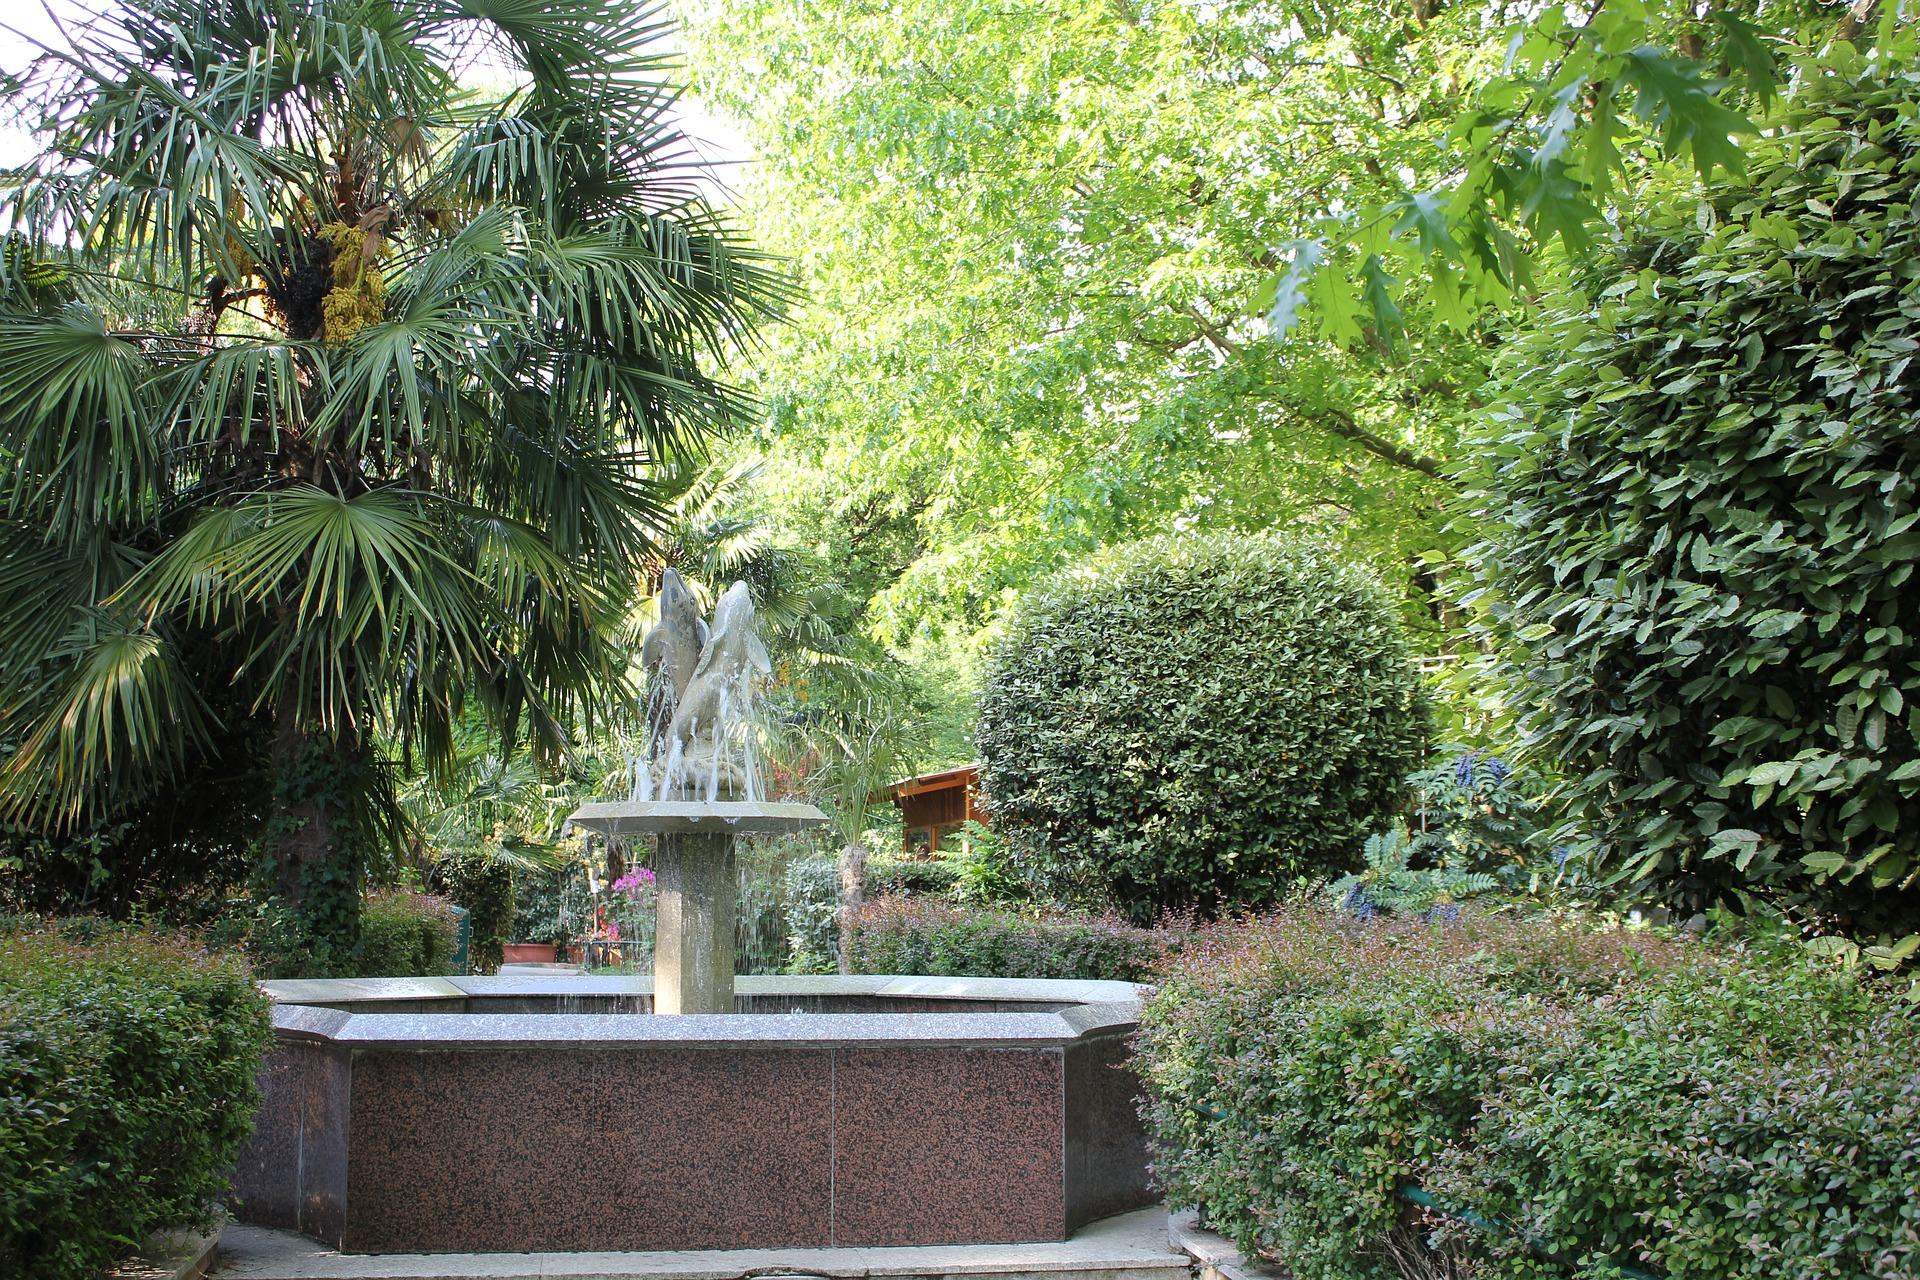 fontana-1566393_1920